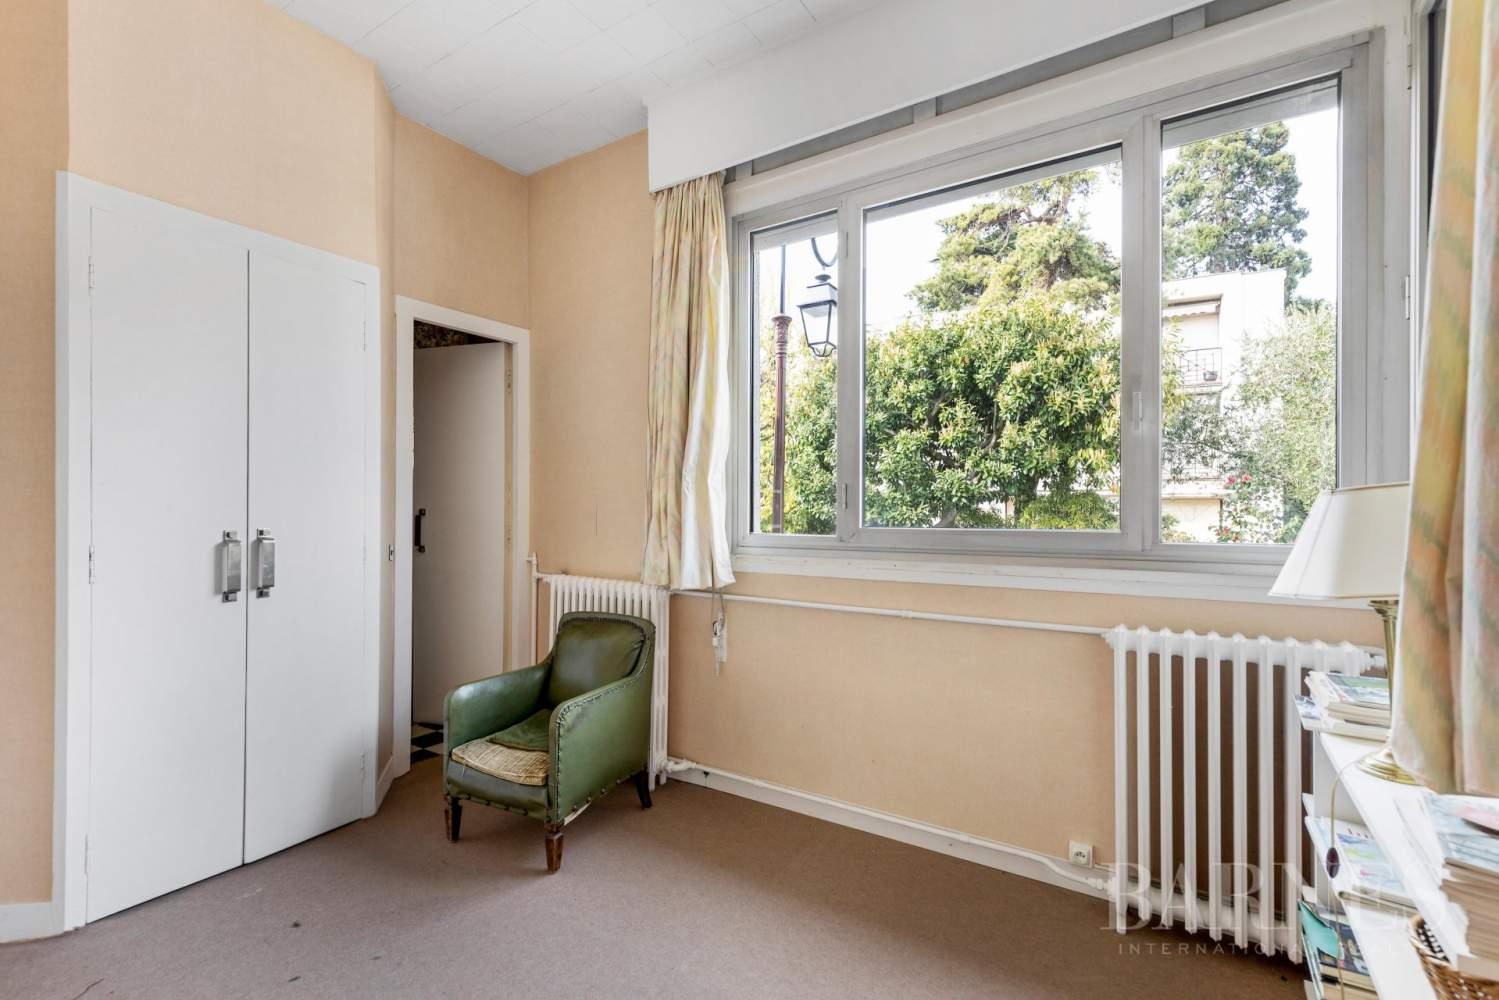 Saint-Cloud Montretout, maison 1930 de 286 m² habitables sur terrain sud 792 m² picture 9